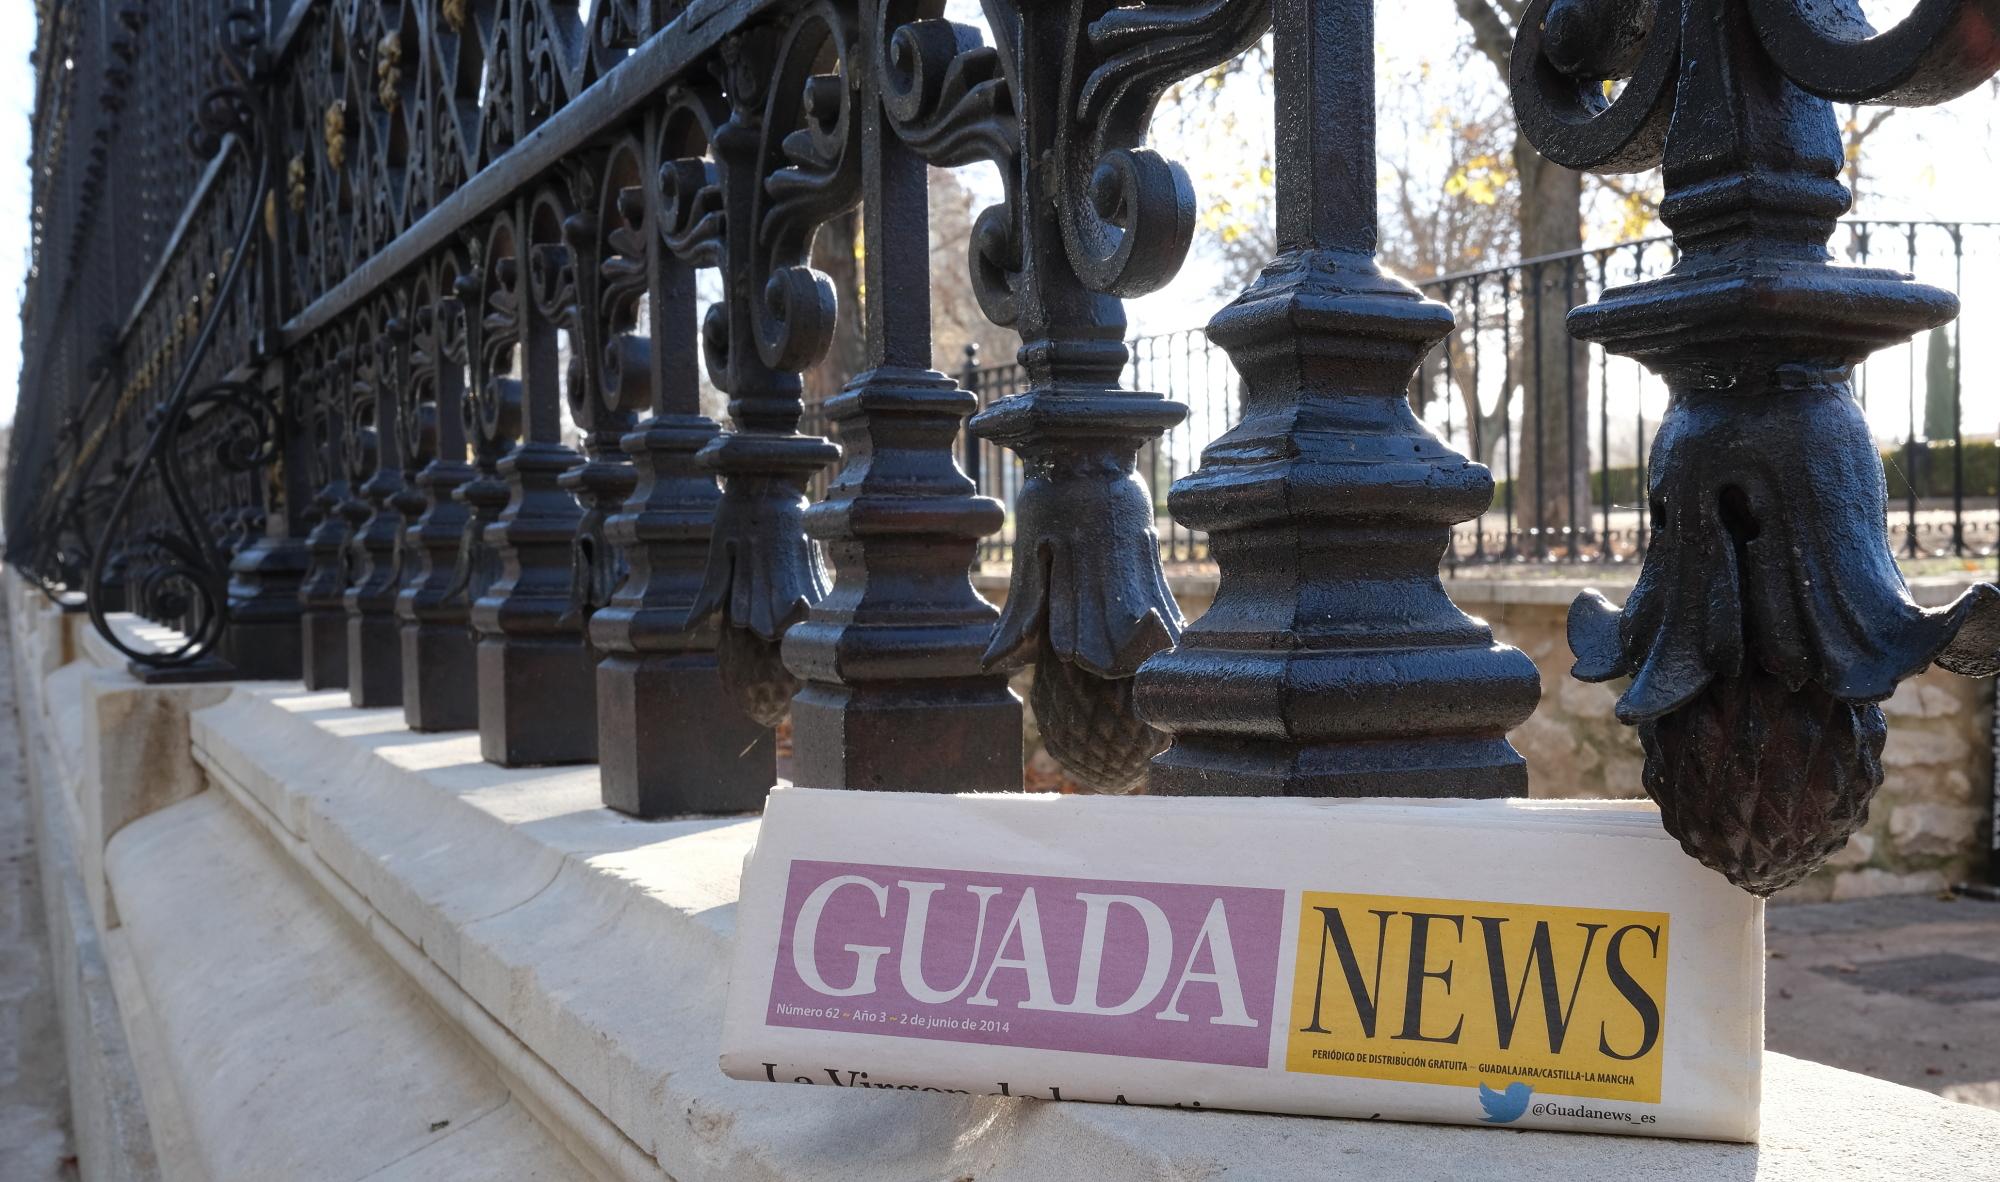 Notable Bajada De Las Temperaturas Este Lunes En Guadalajara Cuya Provincia Está En Alerta Por Nieve Guada News